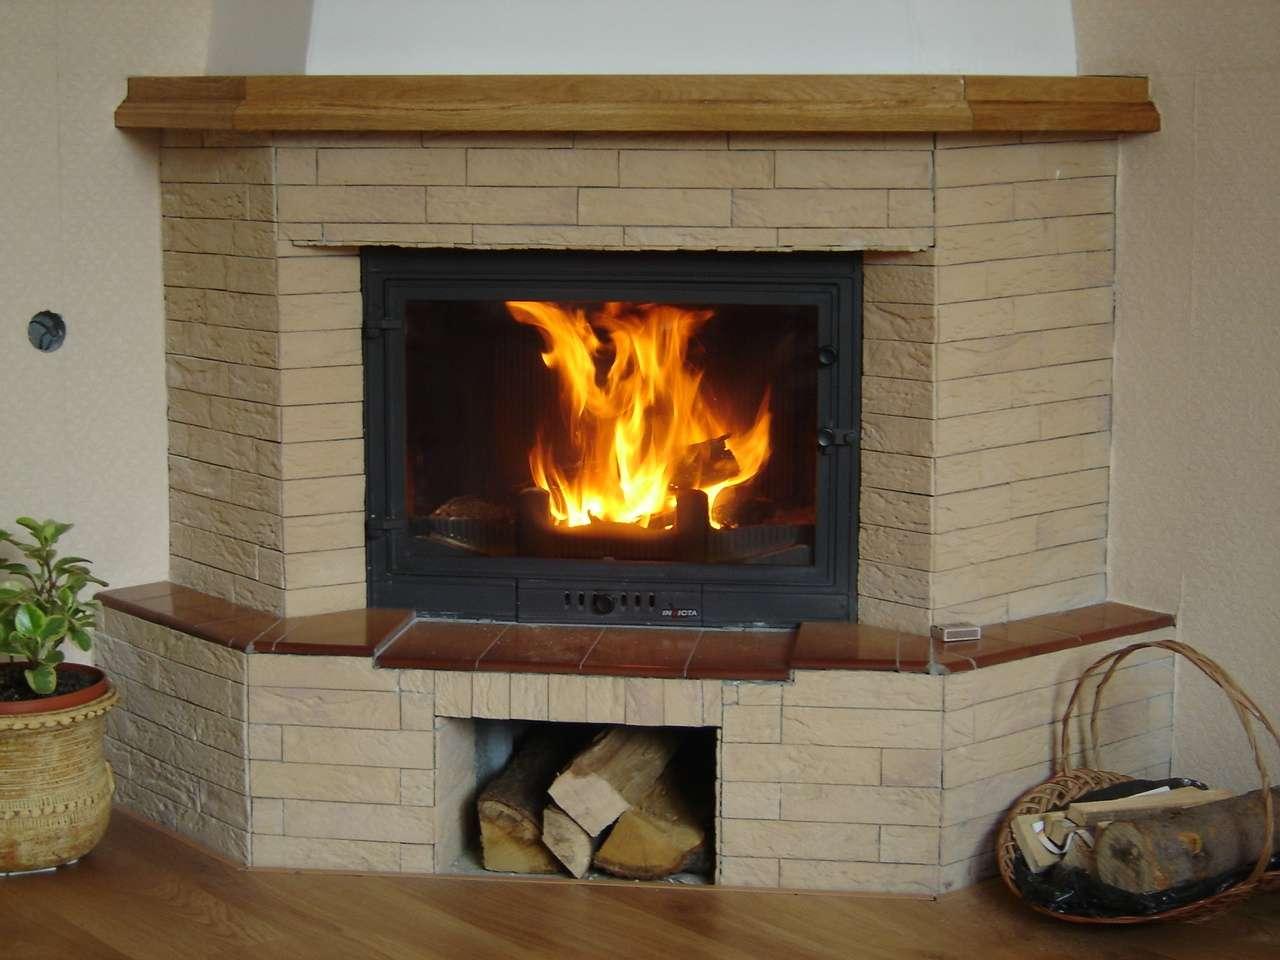 Encastré dans une cheminée traditionnelle, l'insert permet un meilleur rendement. © Tomasz Halszka, CC BY-SA 2.5, Wikimedia Commons